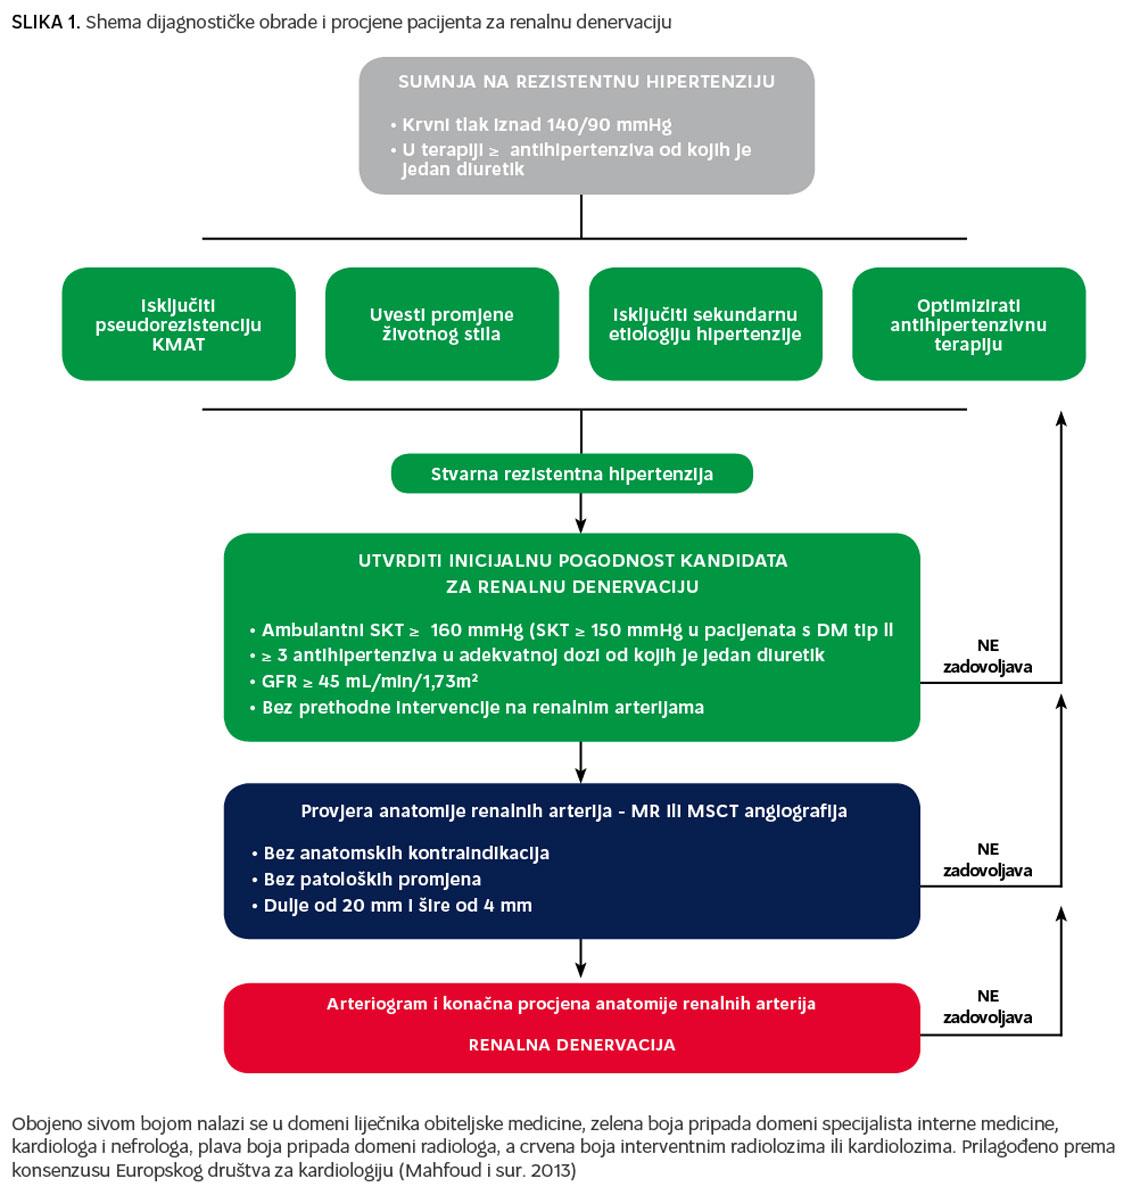 novi postupak za liječenje hipertenzije